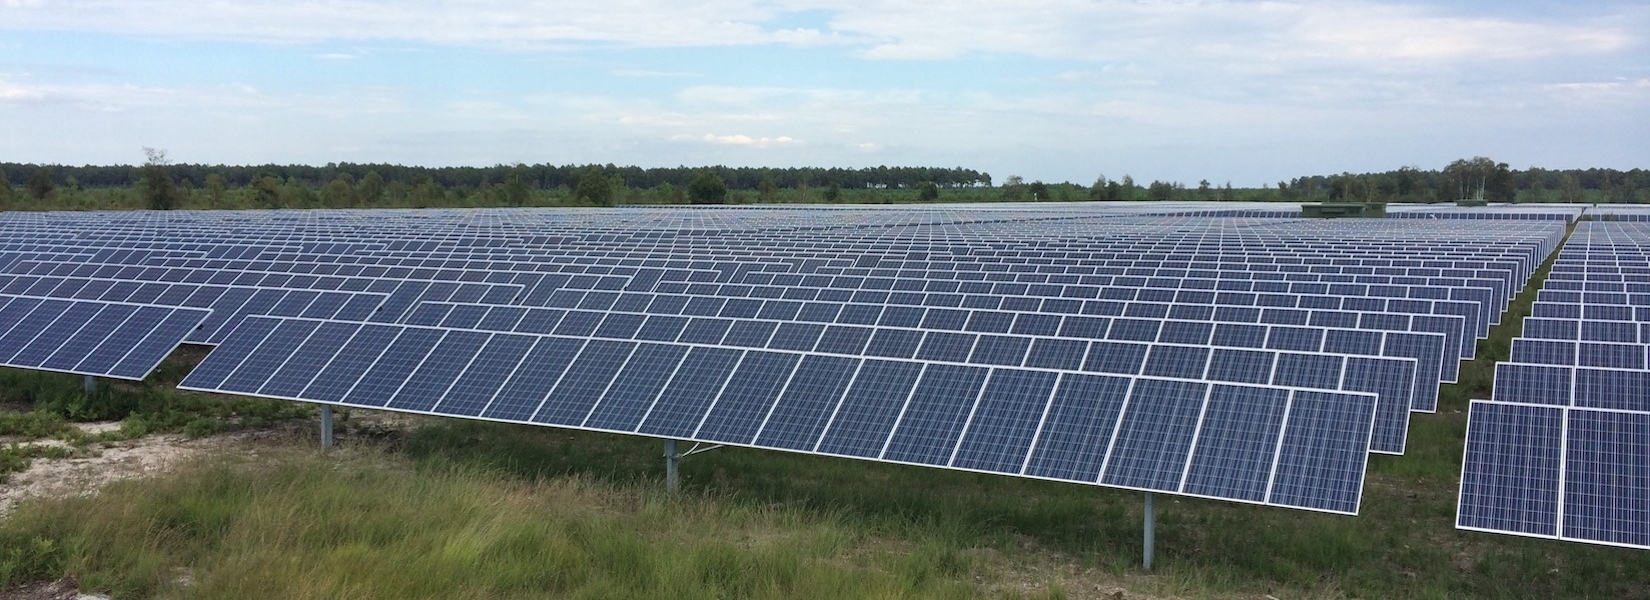 Projet de centrale solaire gabardan